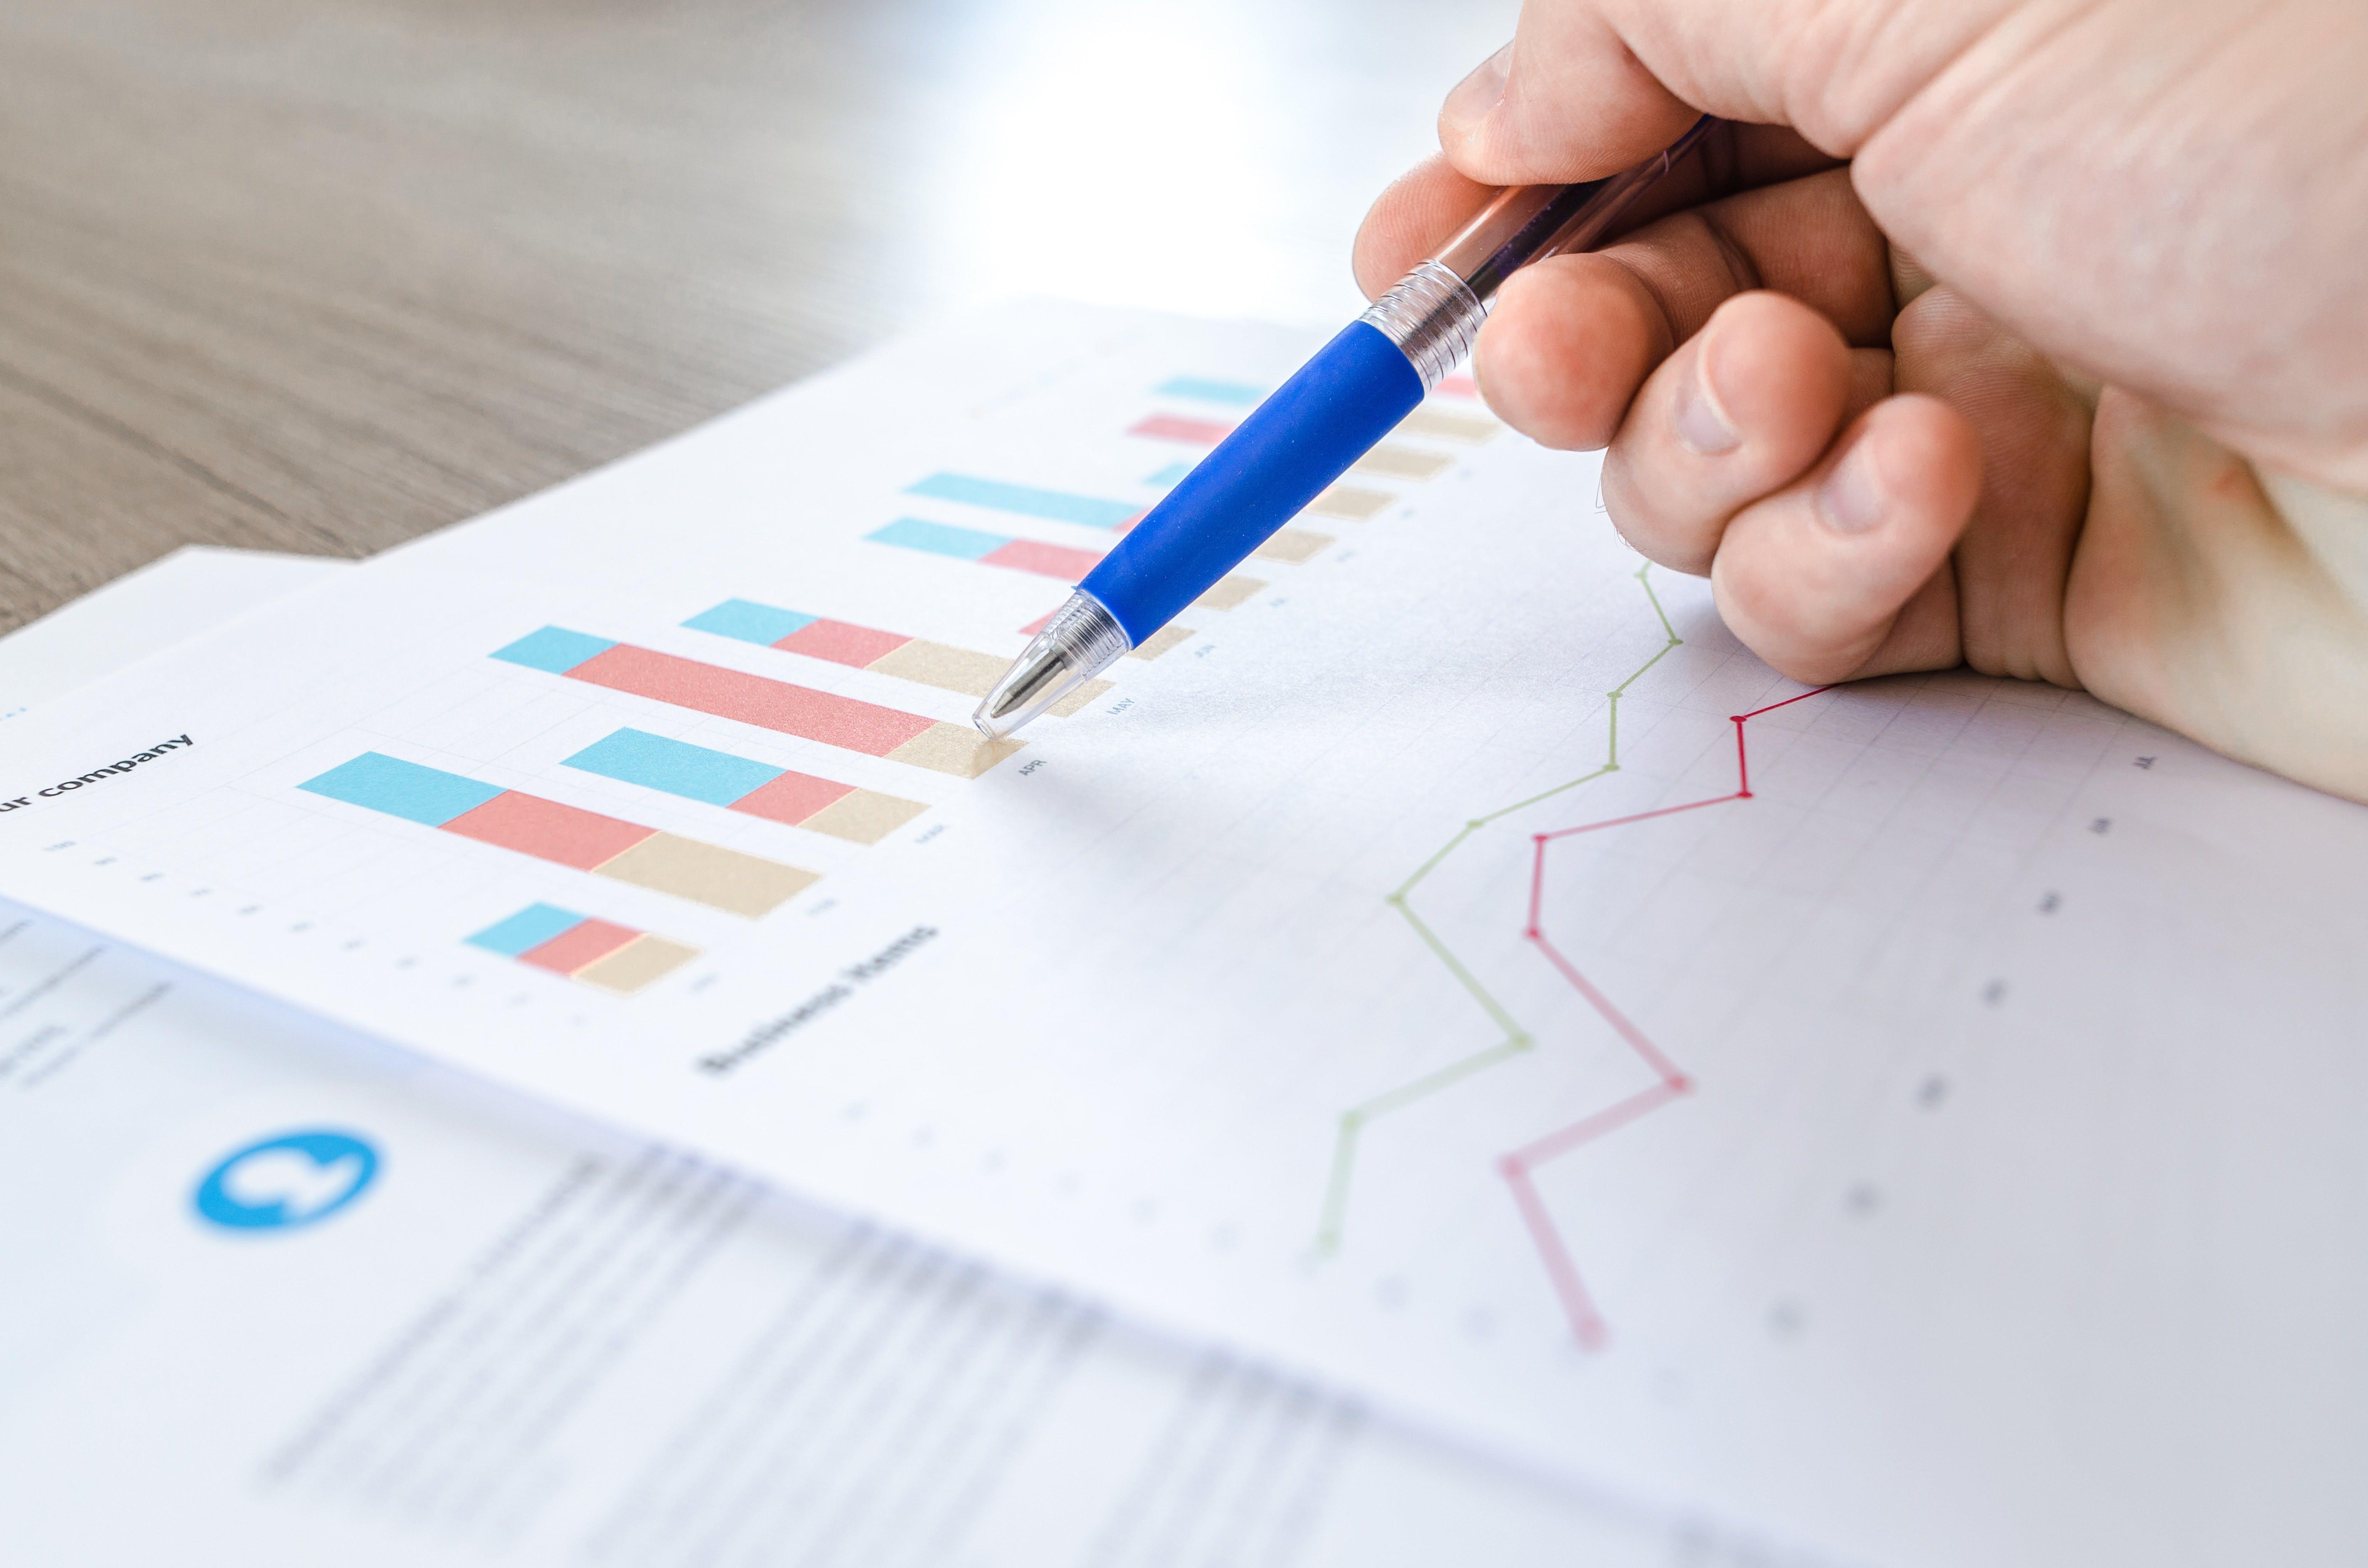 Las 7 habilidades que deberías aprender para controlar el Análisis de Datos